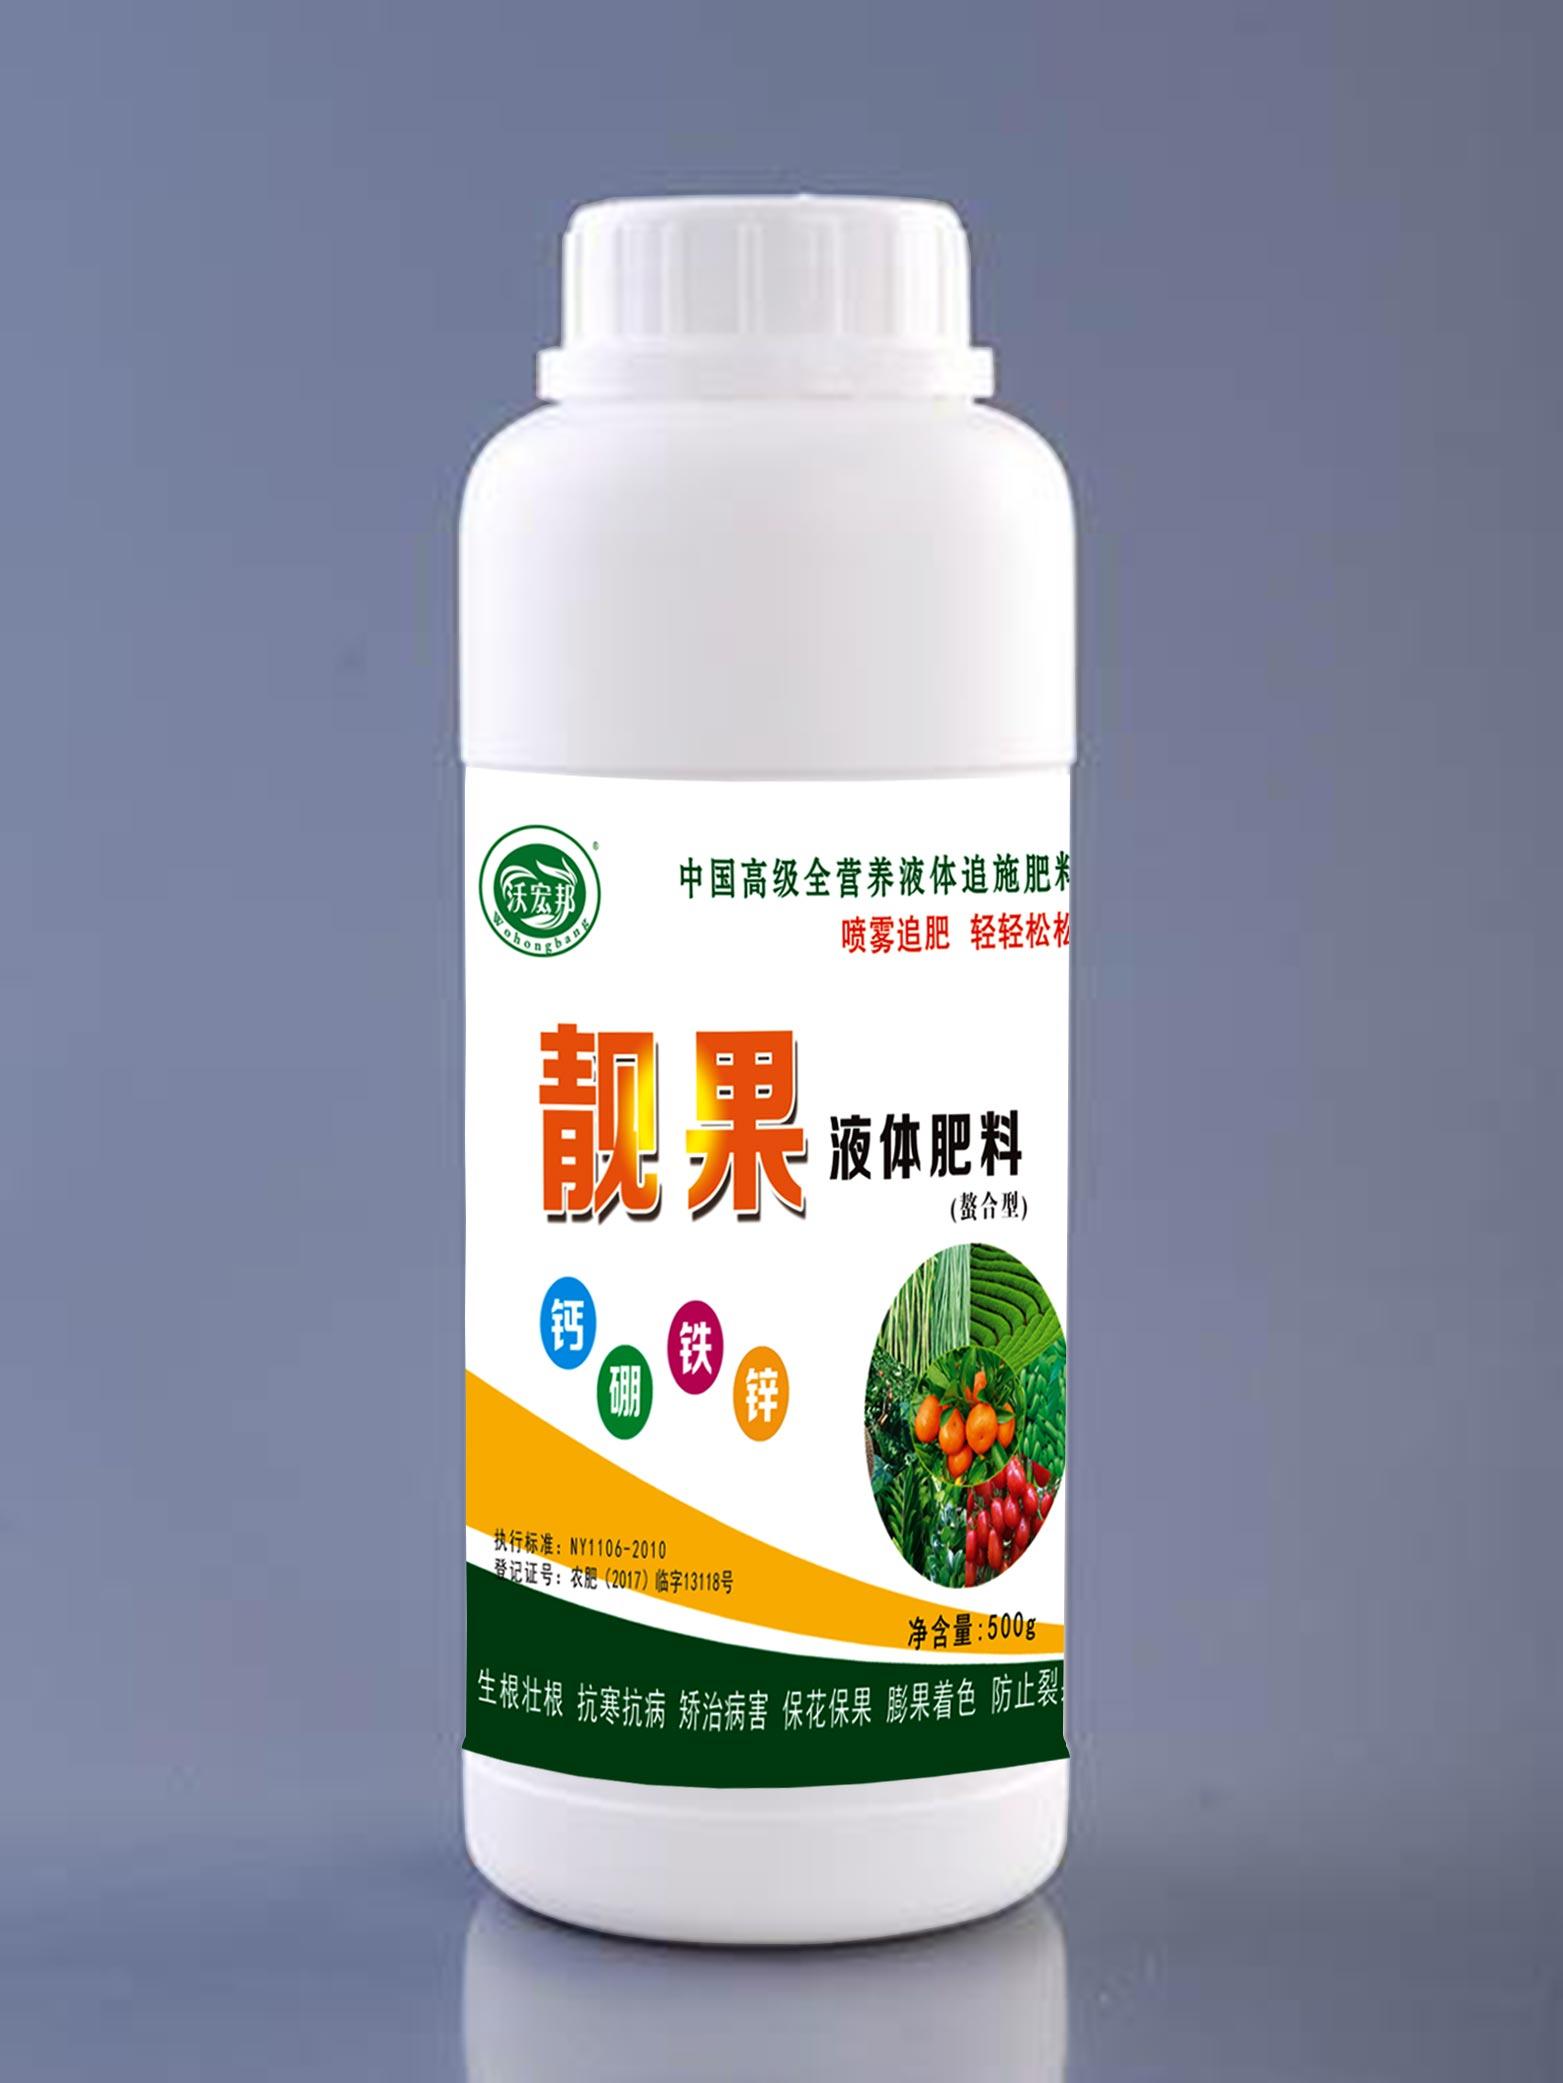 靓果液体肥料(叶面肥)